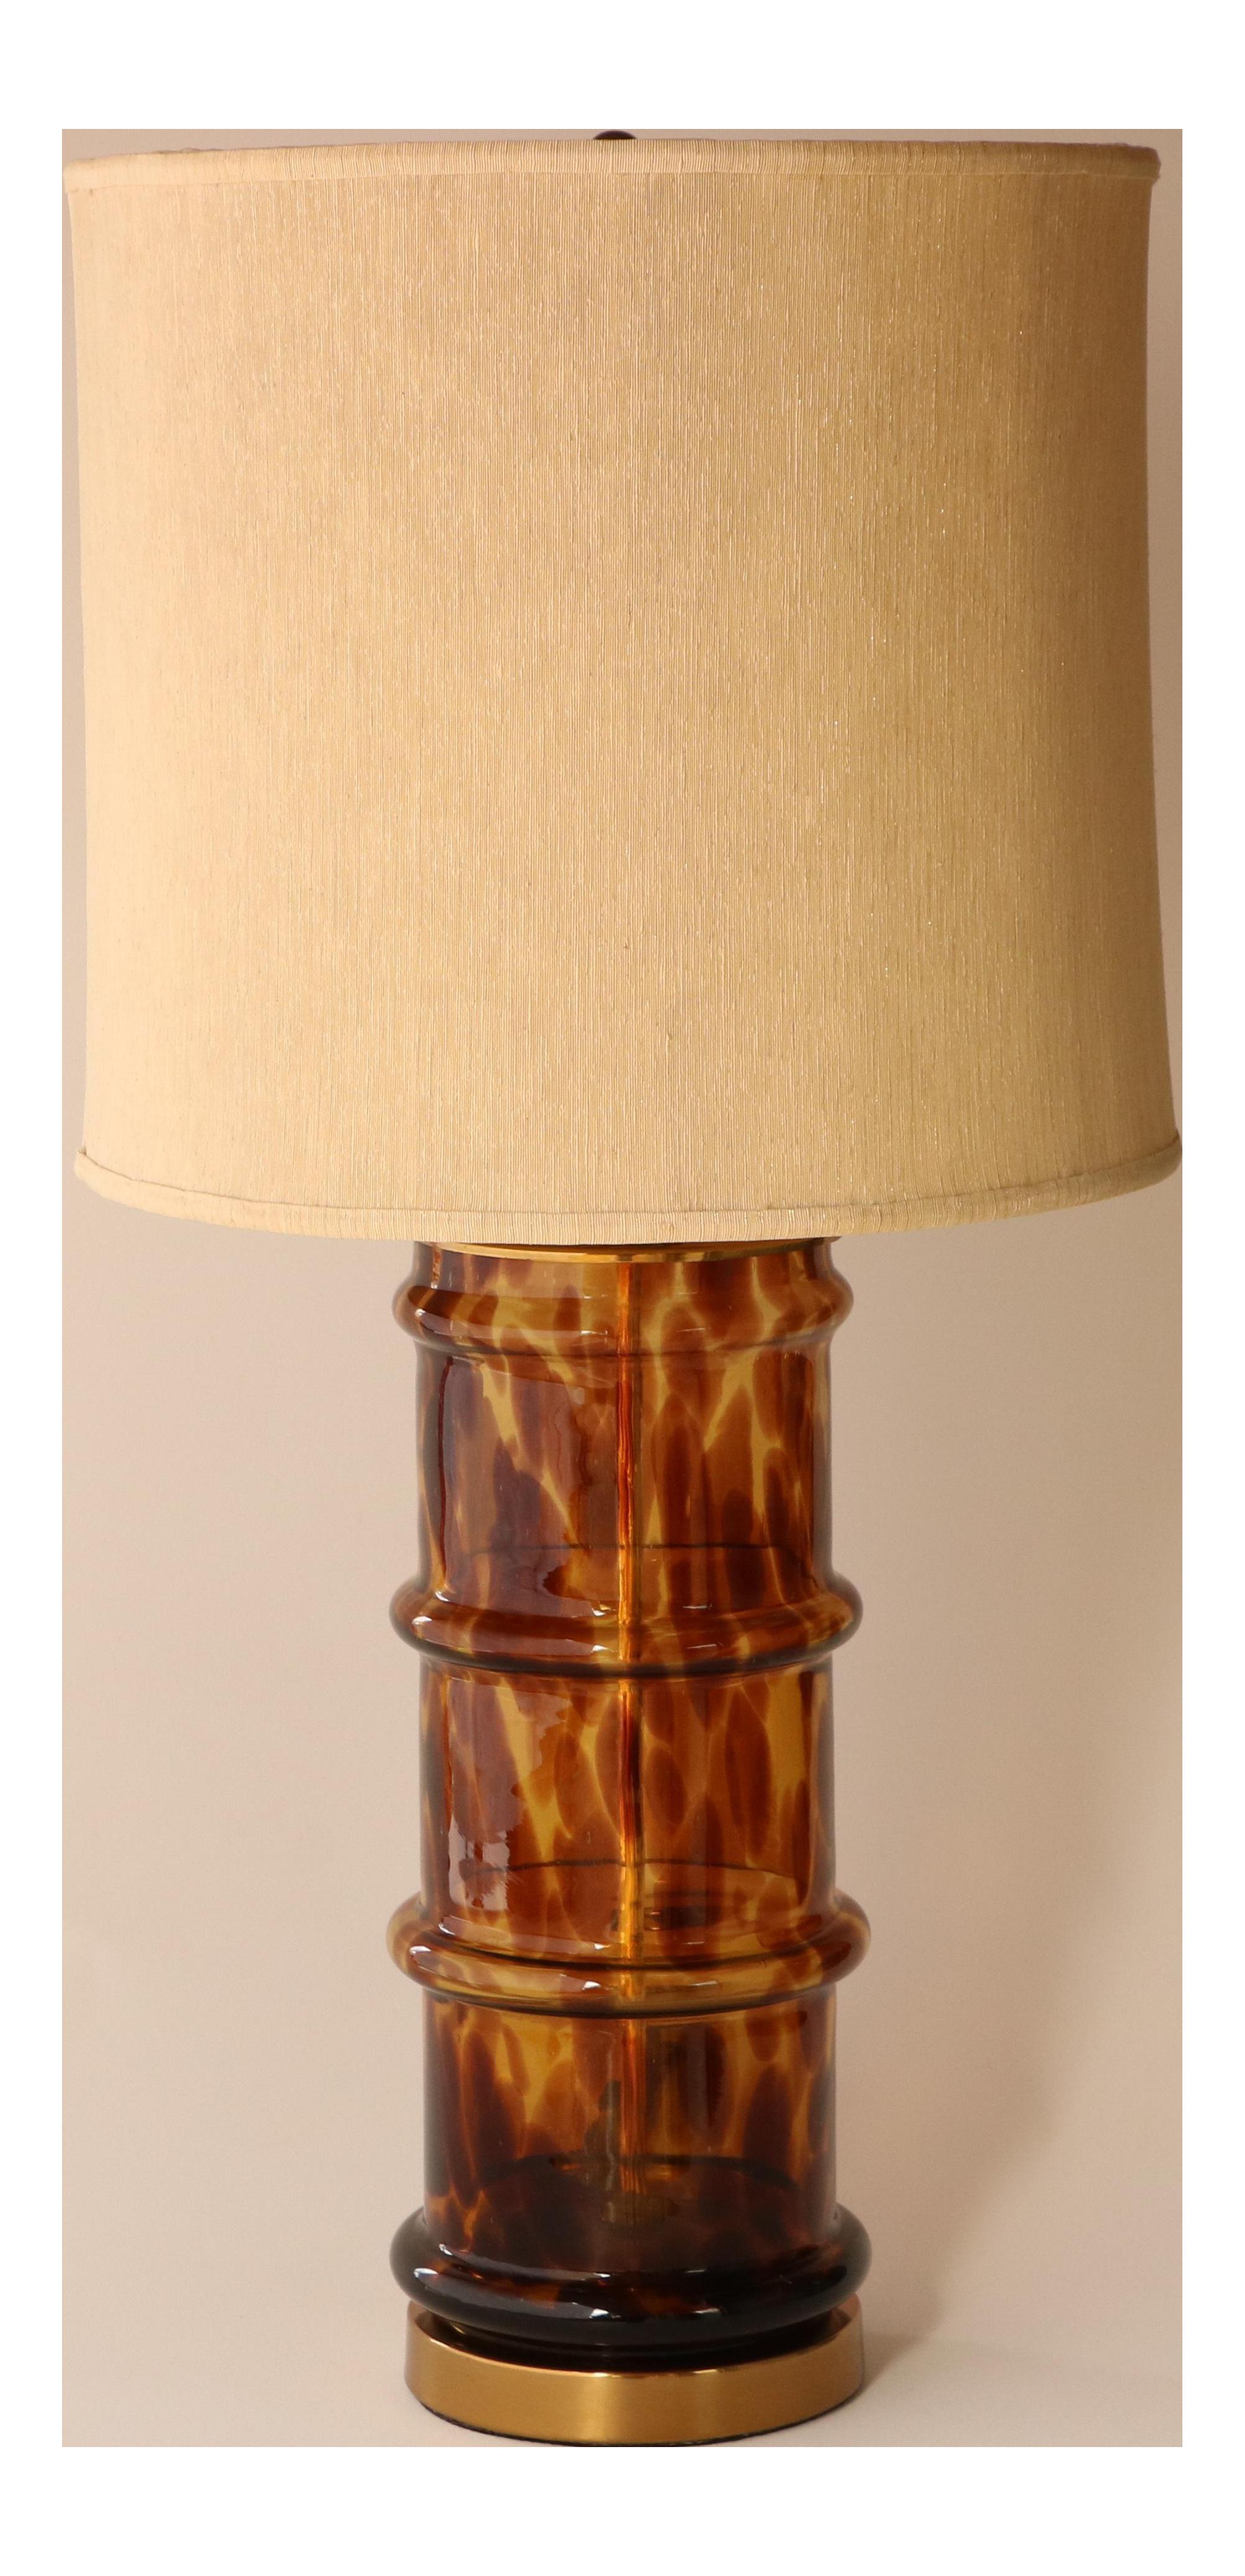 Paul Hanson Tortoiseshell Glass Table Lamp Chairish